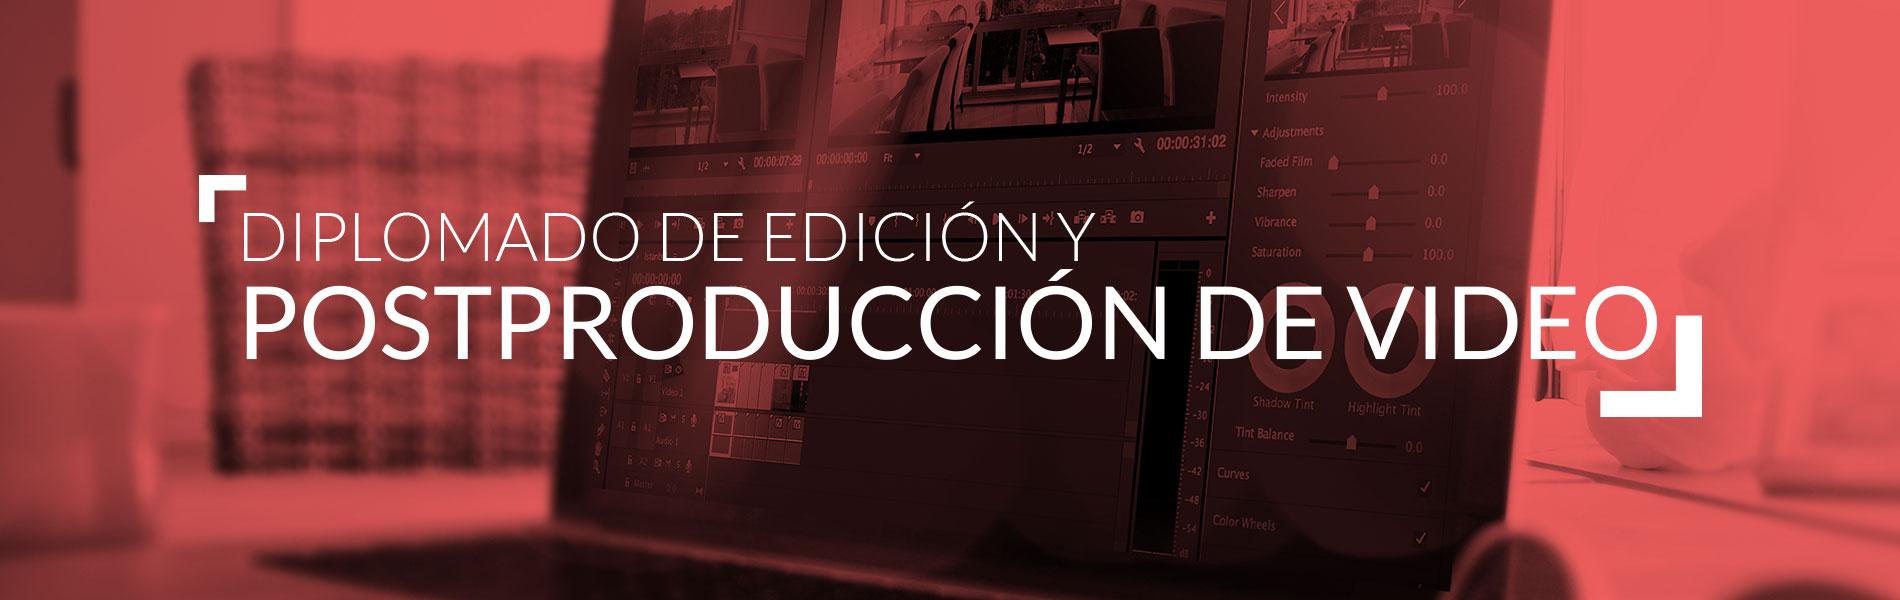 DIPLOMADO DE EDICIÓN Y POSTPRODUCCIÓN DE VIDEO